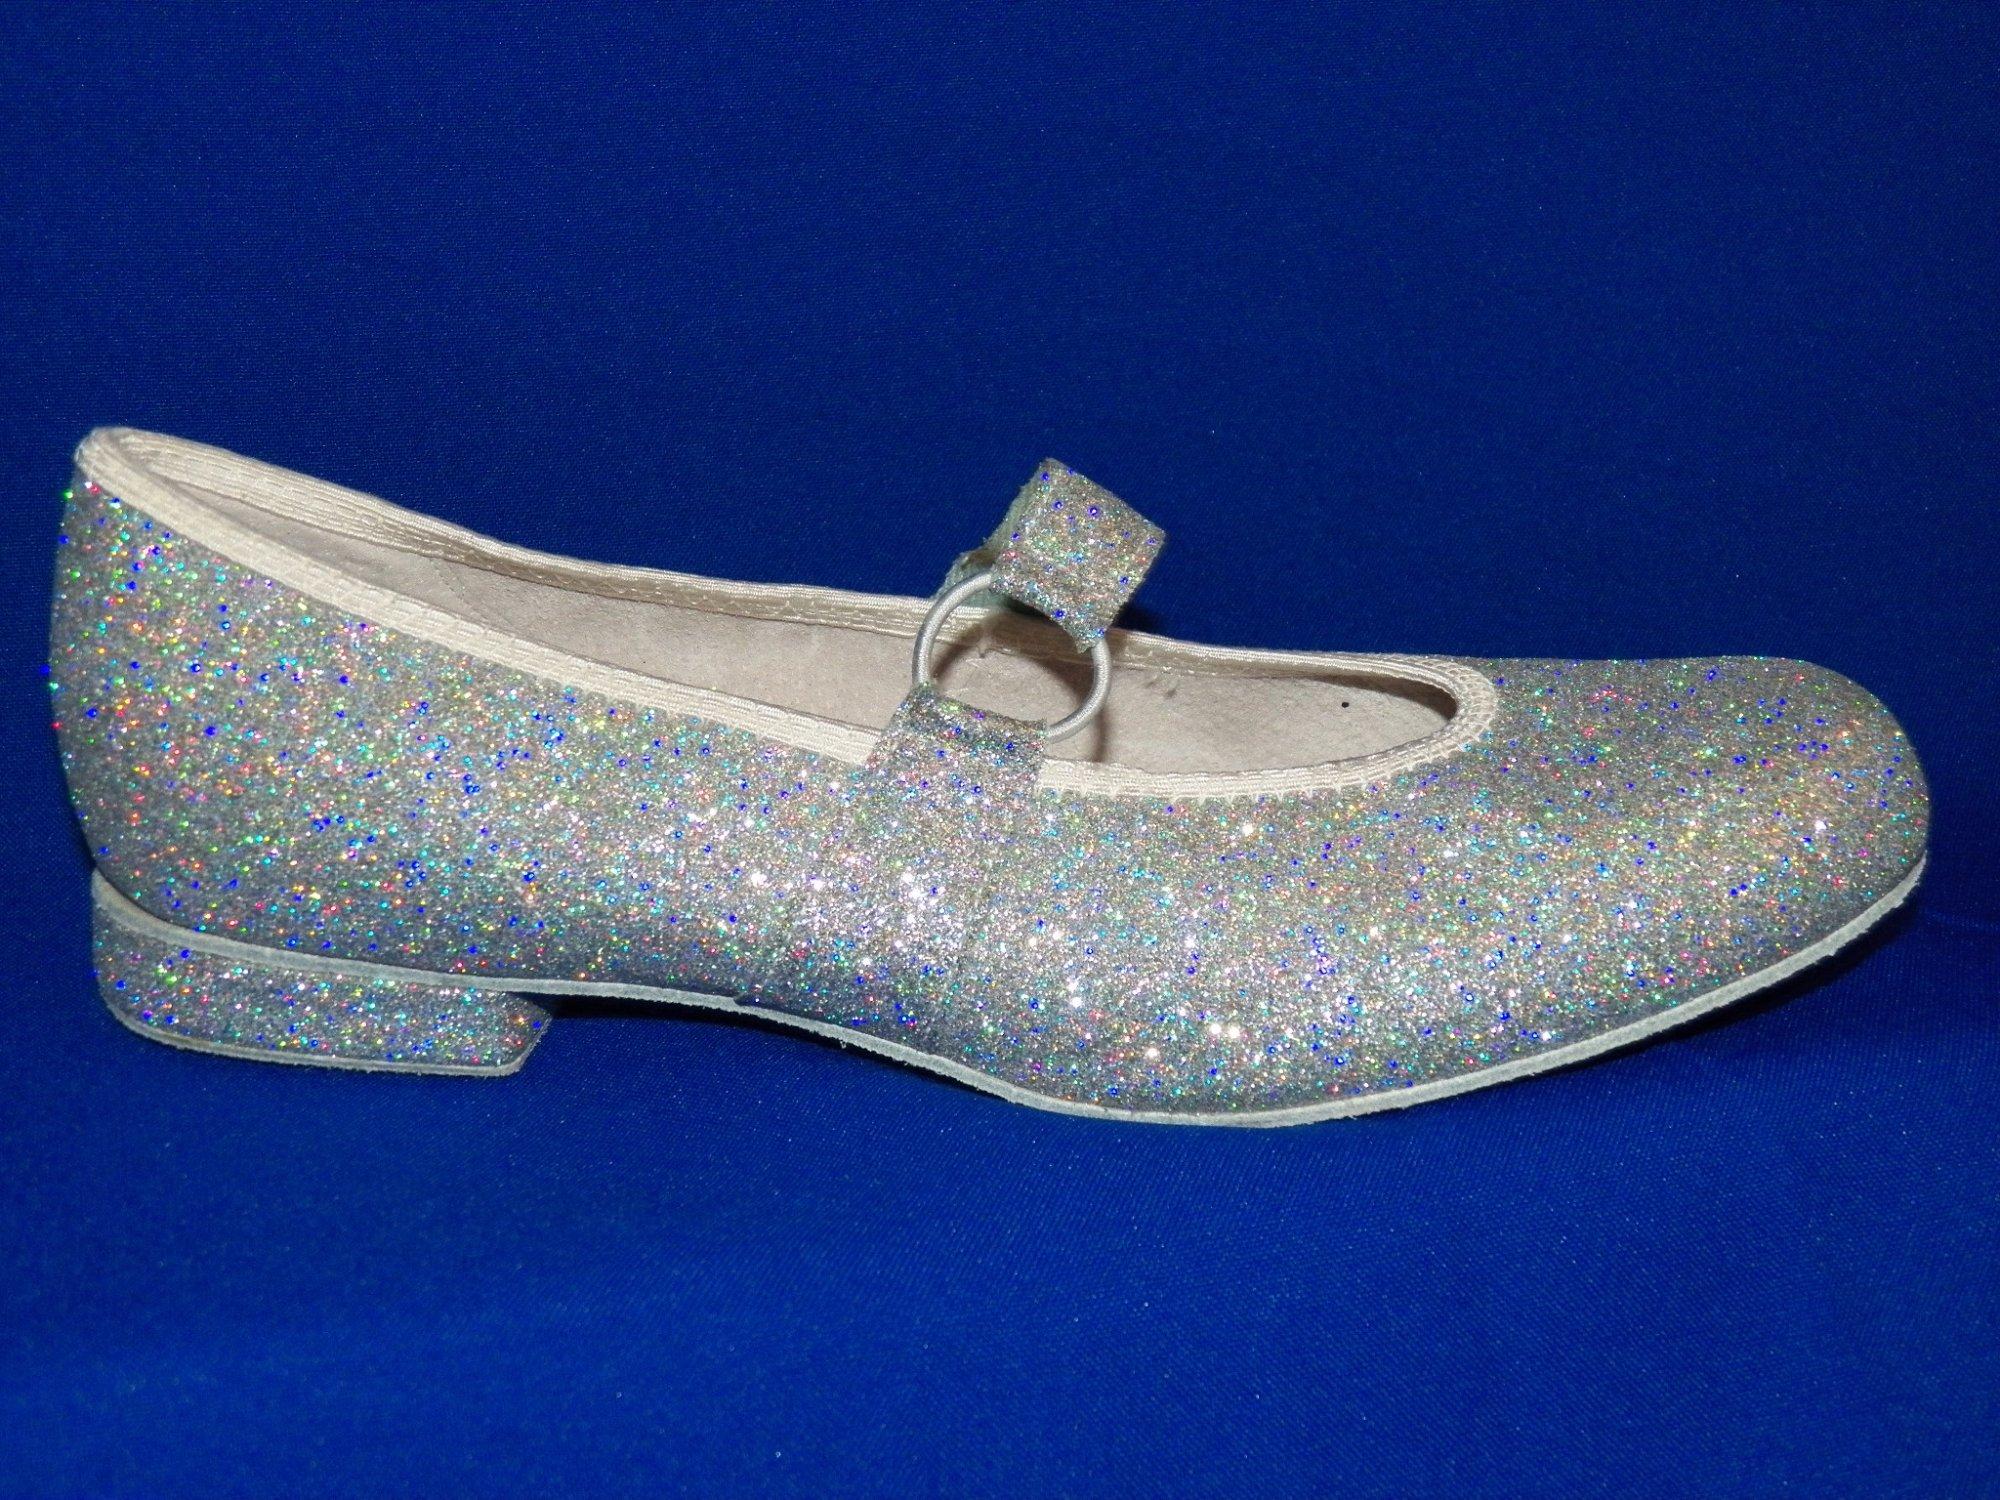 Ringo - Glitter, Gold, Silver